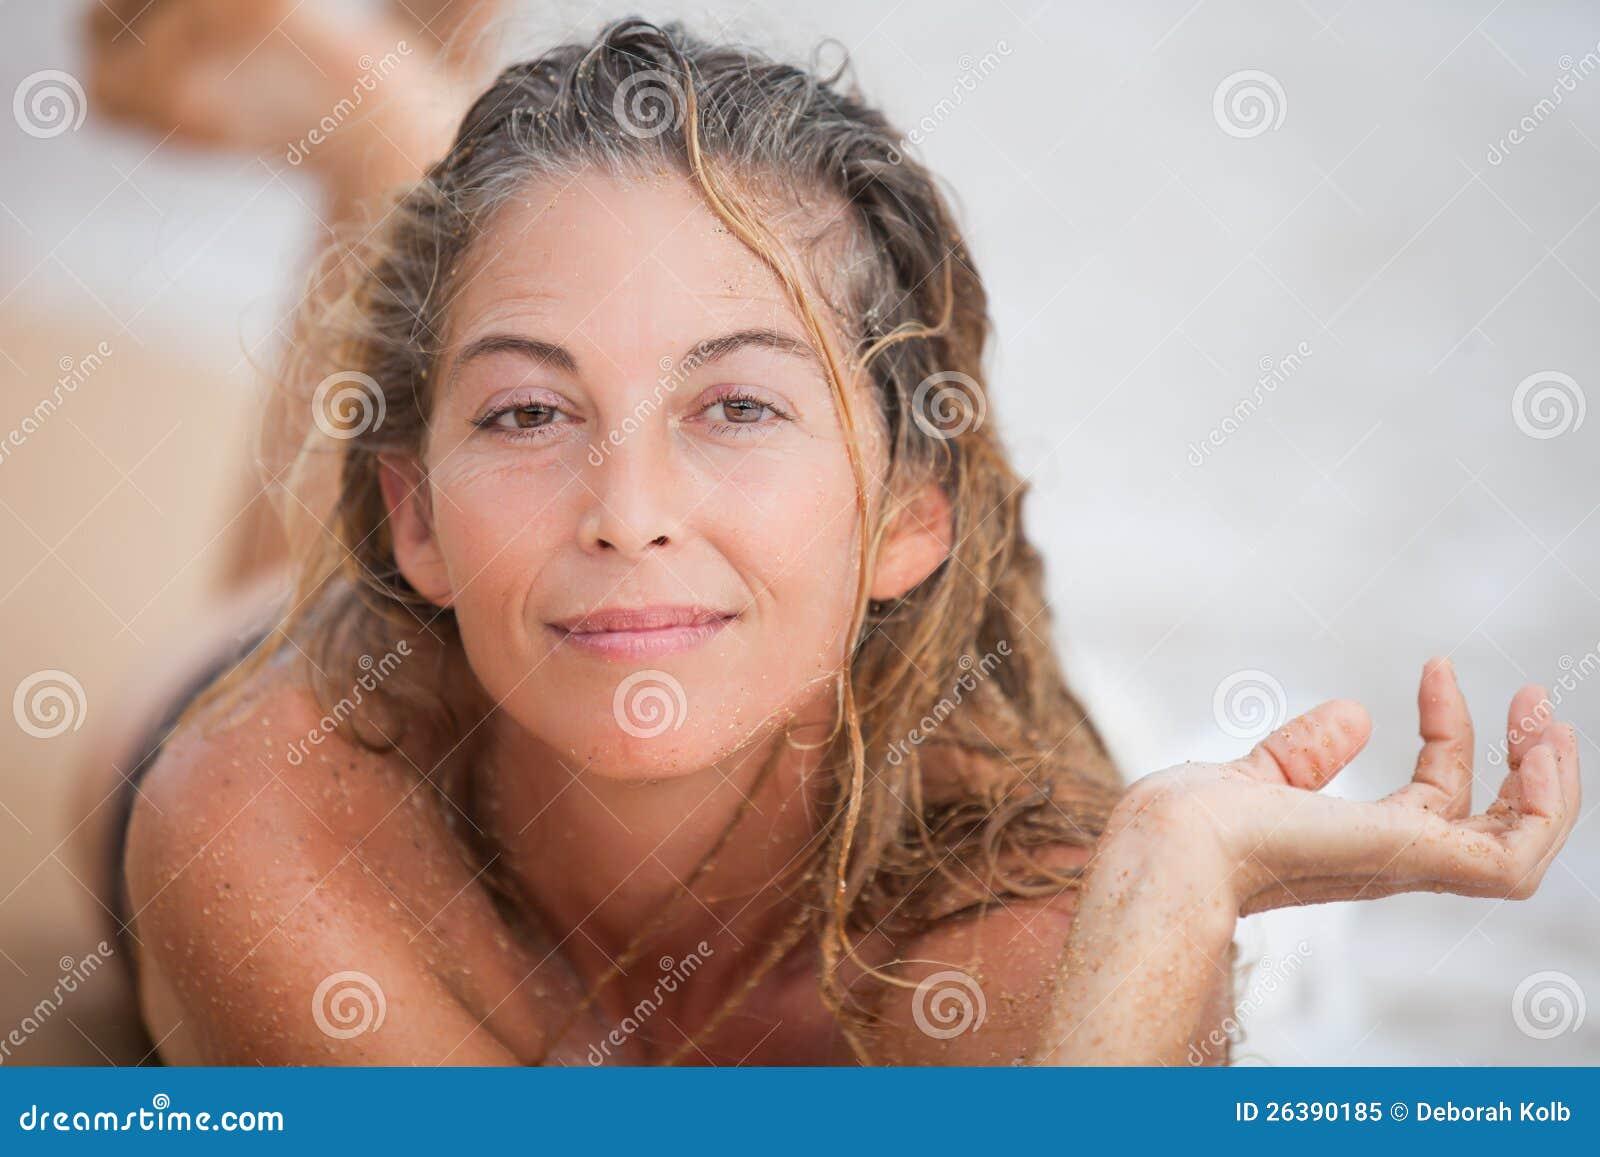 Фото мокрой женской дырки, Мокрые киски девок 65 фото 20 фотография